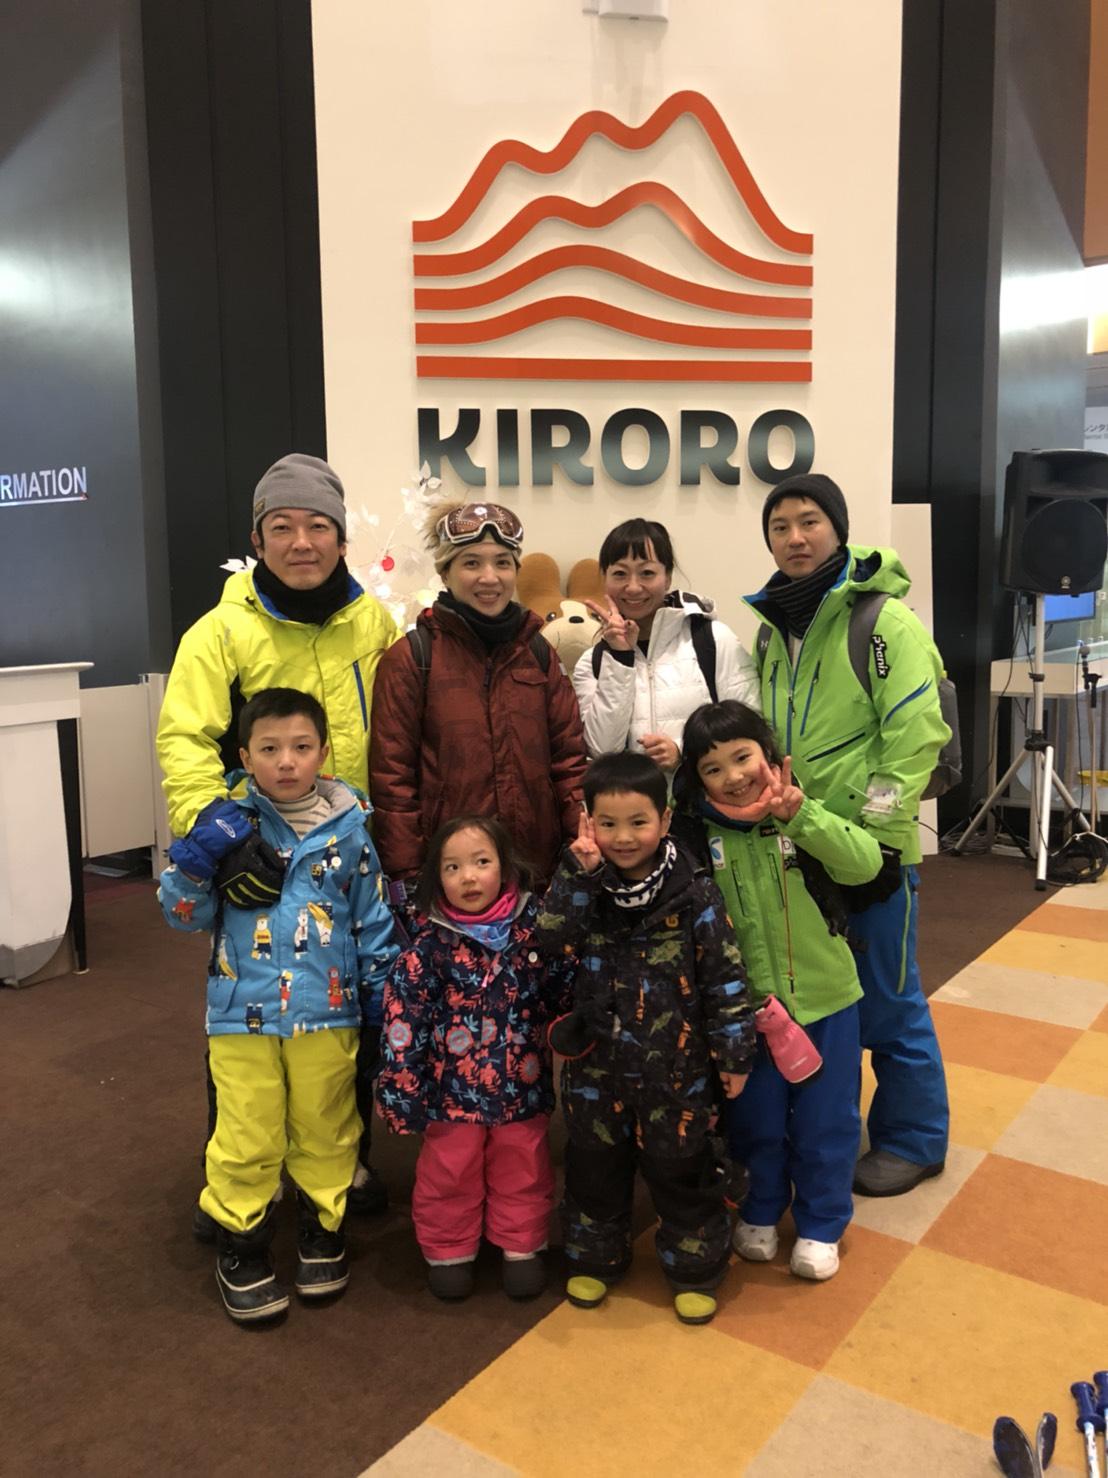 冬場の週末は家族で「キロロリゾート」へ